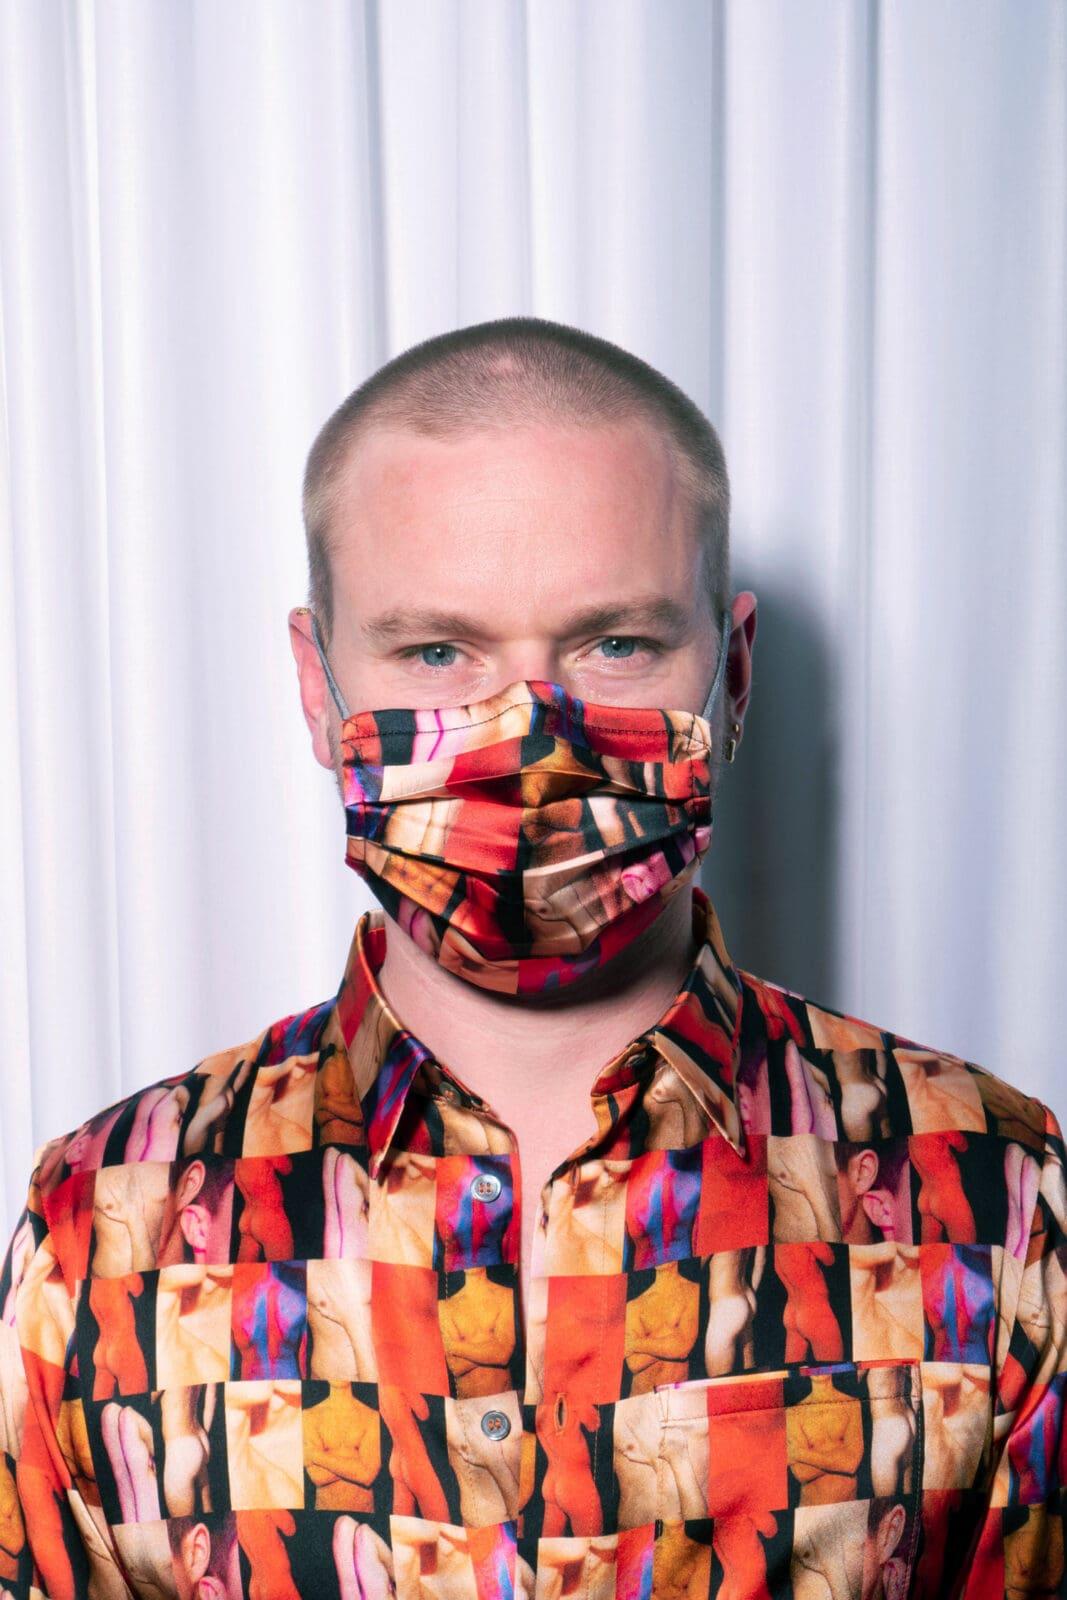 Mann mit uniformer Schutzmaske und Hemd posiert für Produkteshooting für Schutz-Masken